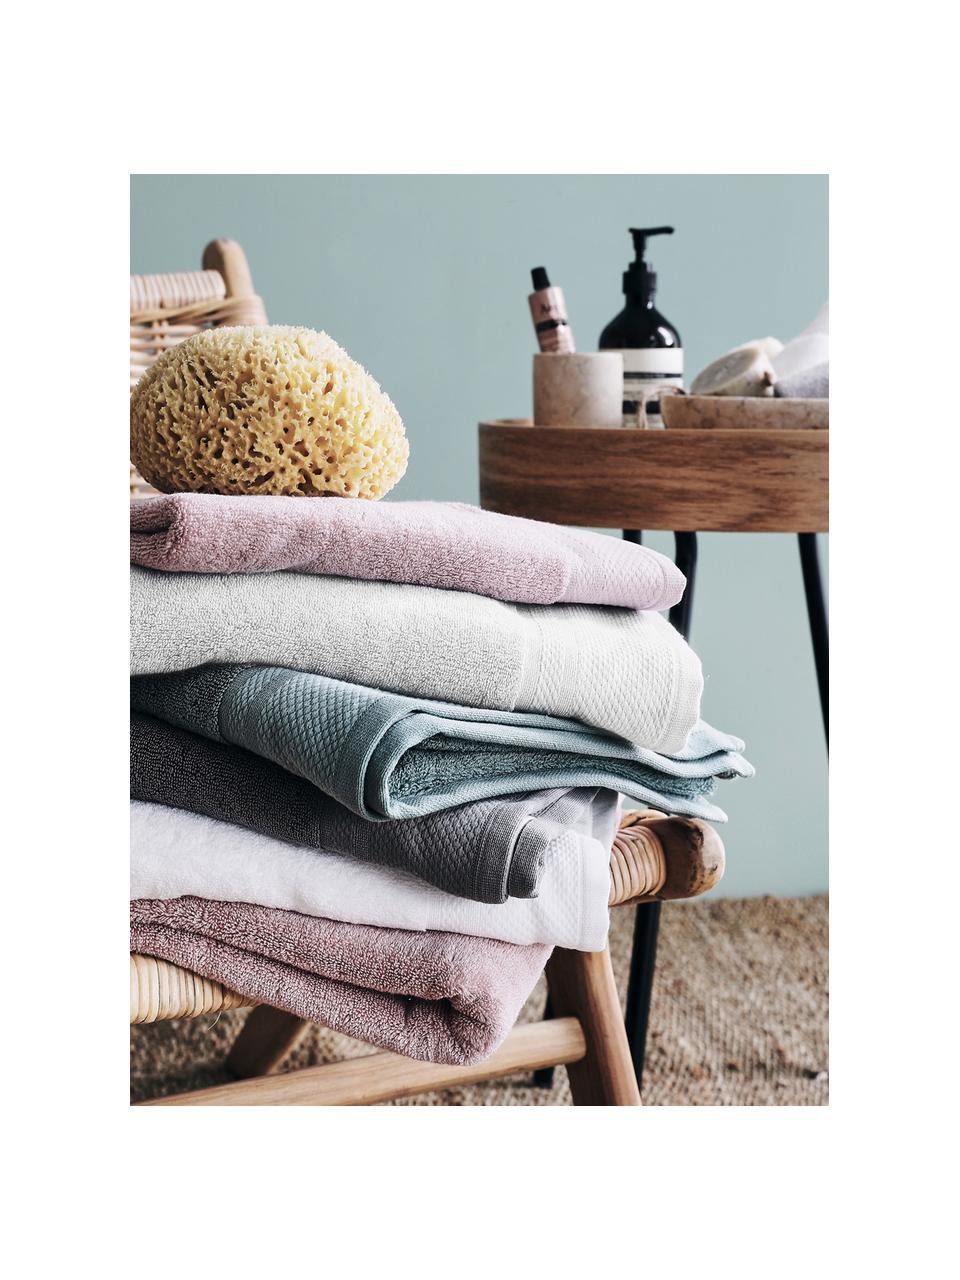 Handdoek Premium in verschillende formaten, met klassiek sierborduursel, Lichtgrijs, Handtuch